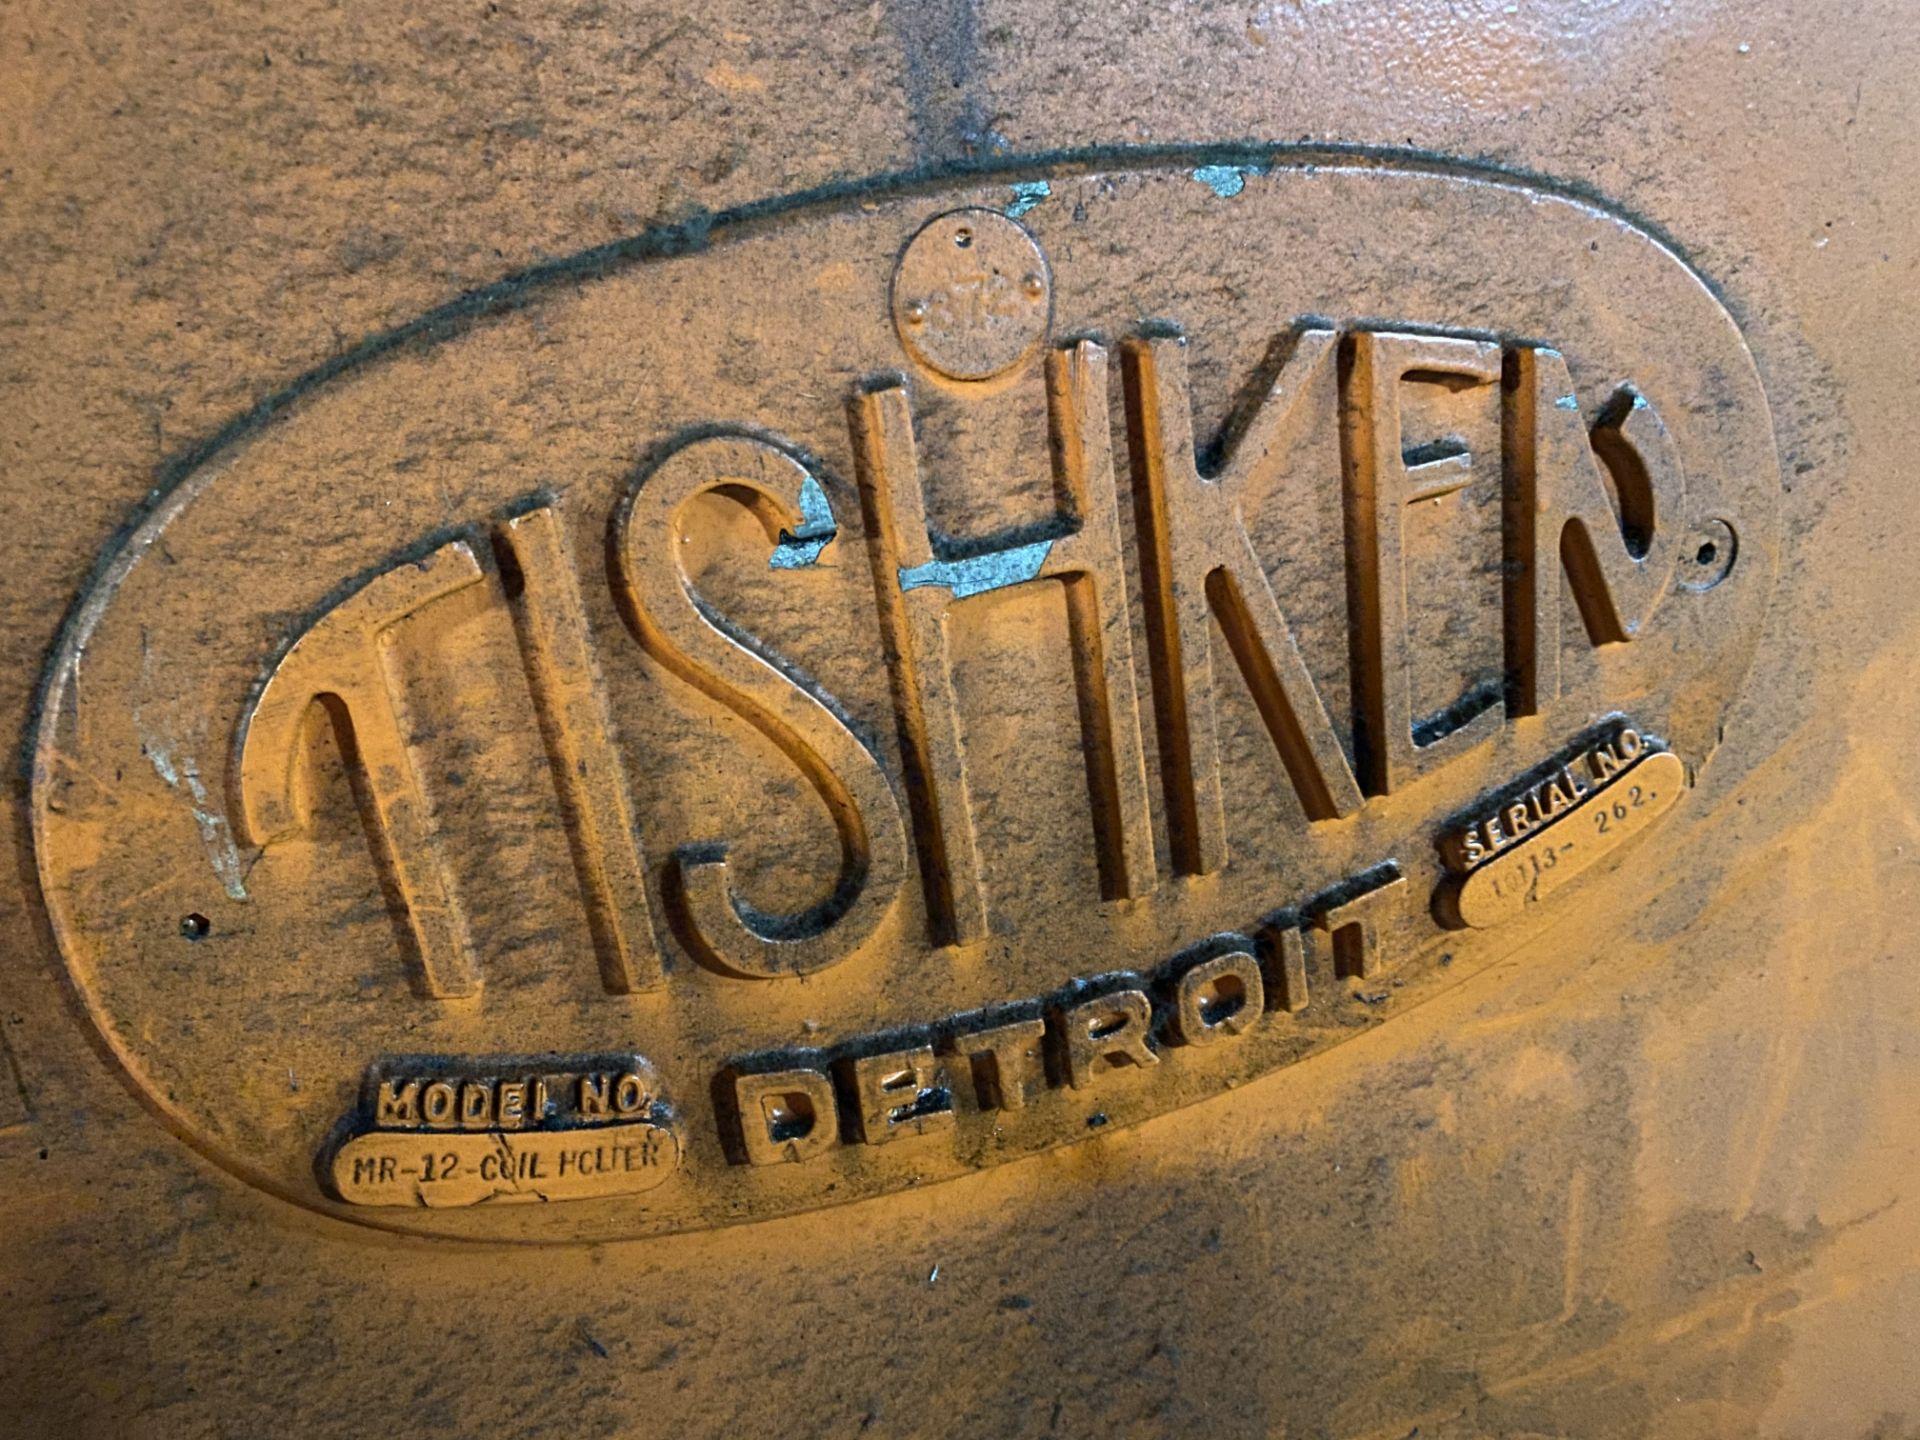 Tishken #MR-12, Non-Motorized Coil Reel - Image 4 of 5